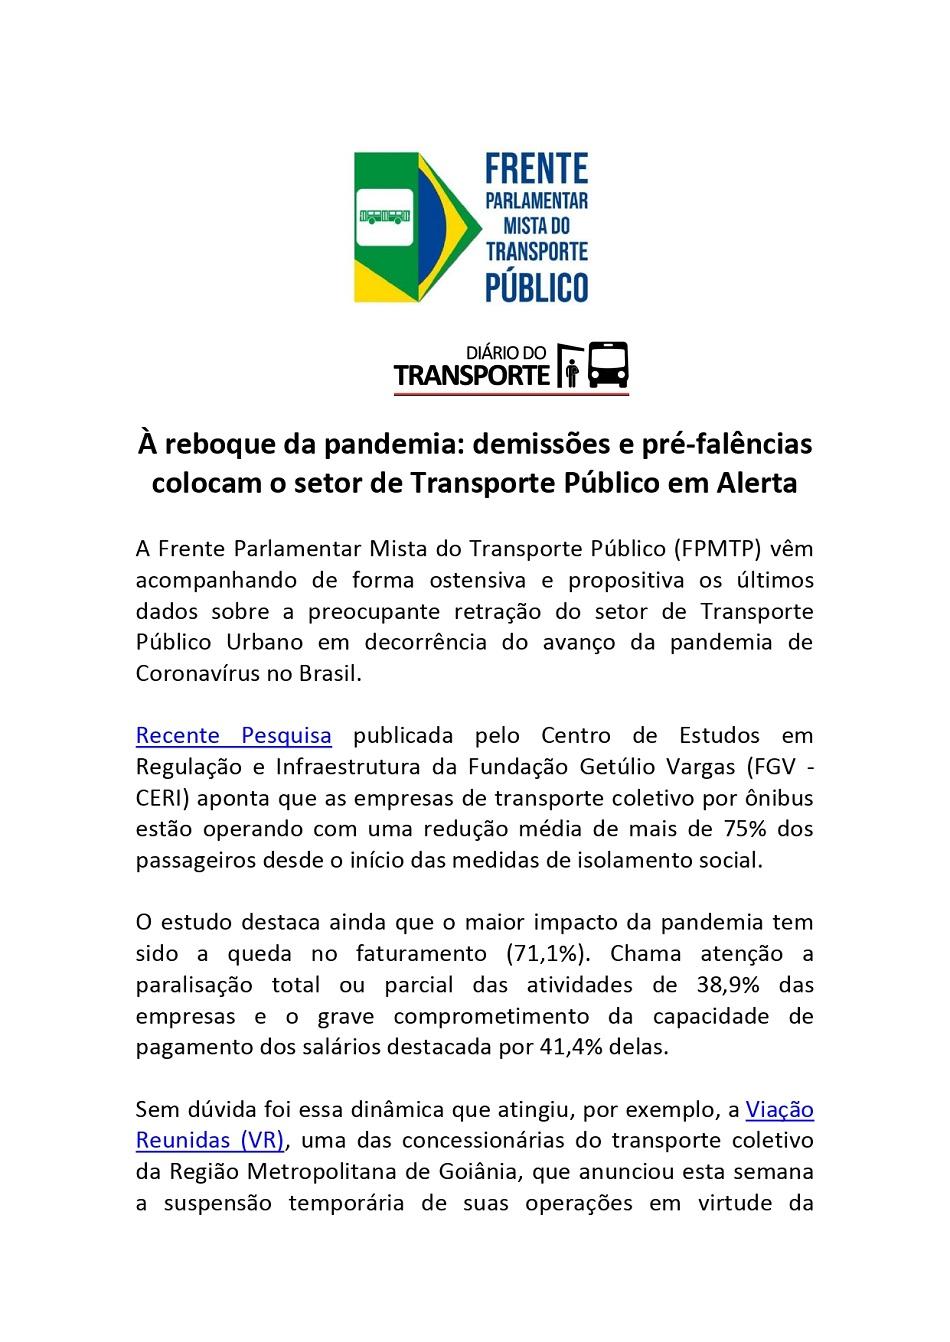 reboque da pandemia_Transporte Público em Alerta_page-0001